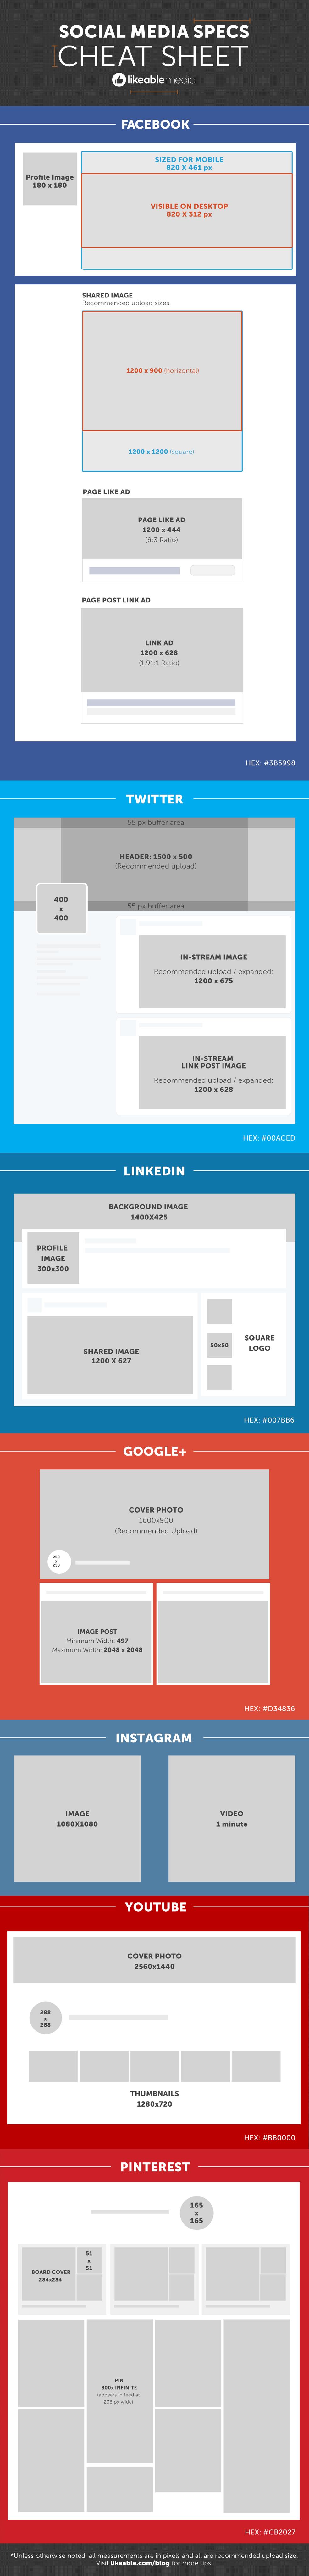 2017 social media network specs